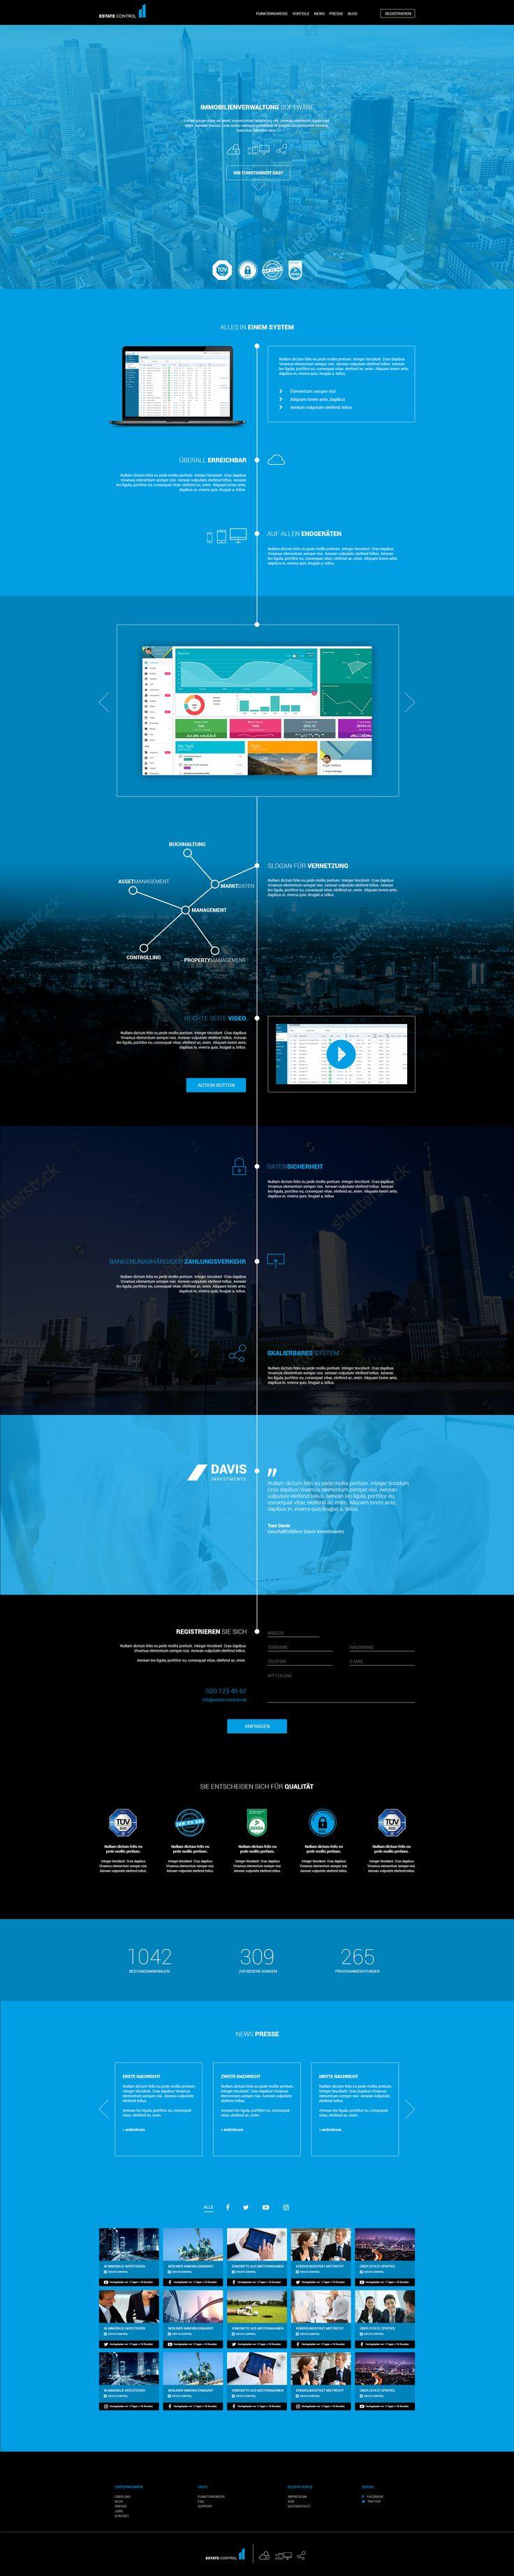 Webdesign for Real Estate Management-Software #webdesign #real estate #properties #property #black #blue #finance #flat